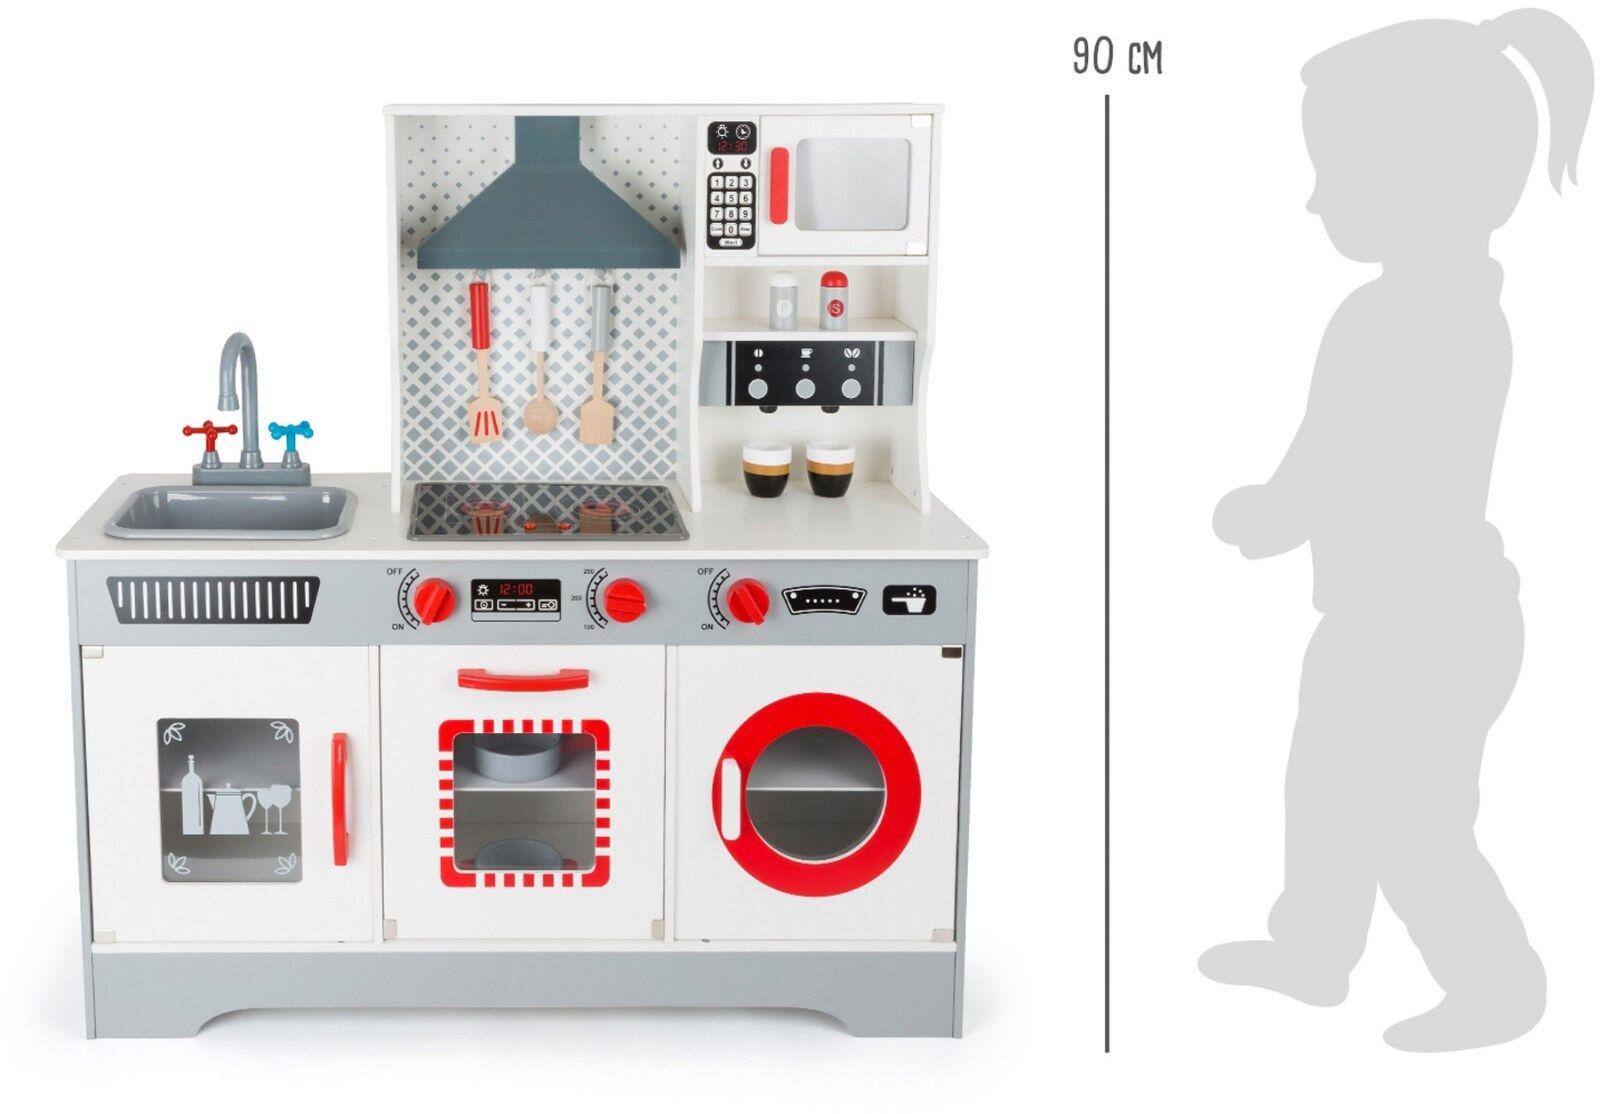 Kinderküche Küche mit Zubehör ca. 90 x 30 x x x 90 cm Arbeitshöhe ca ...